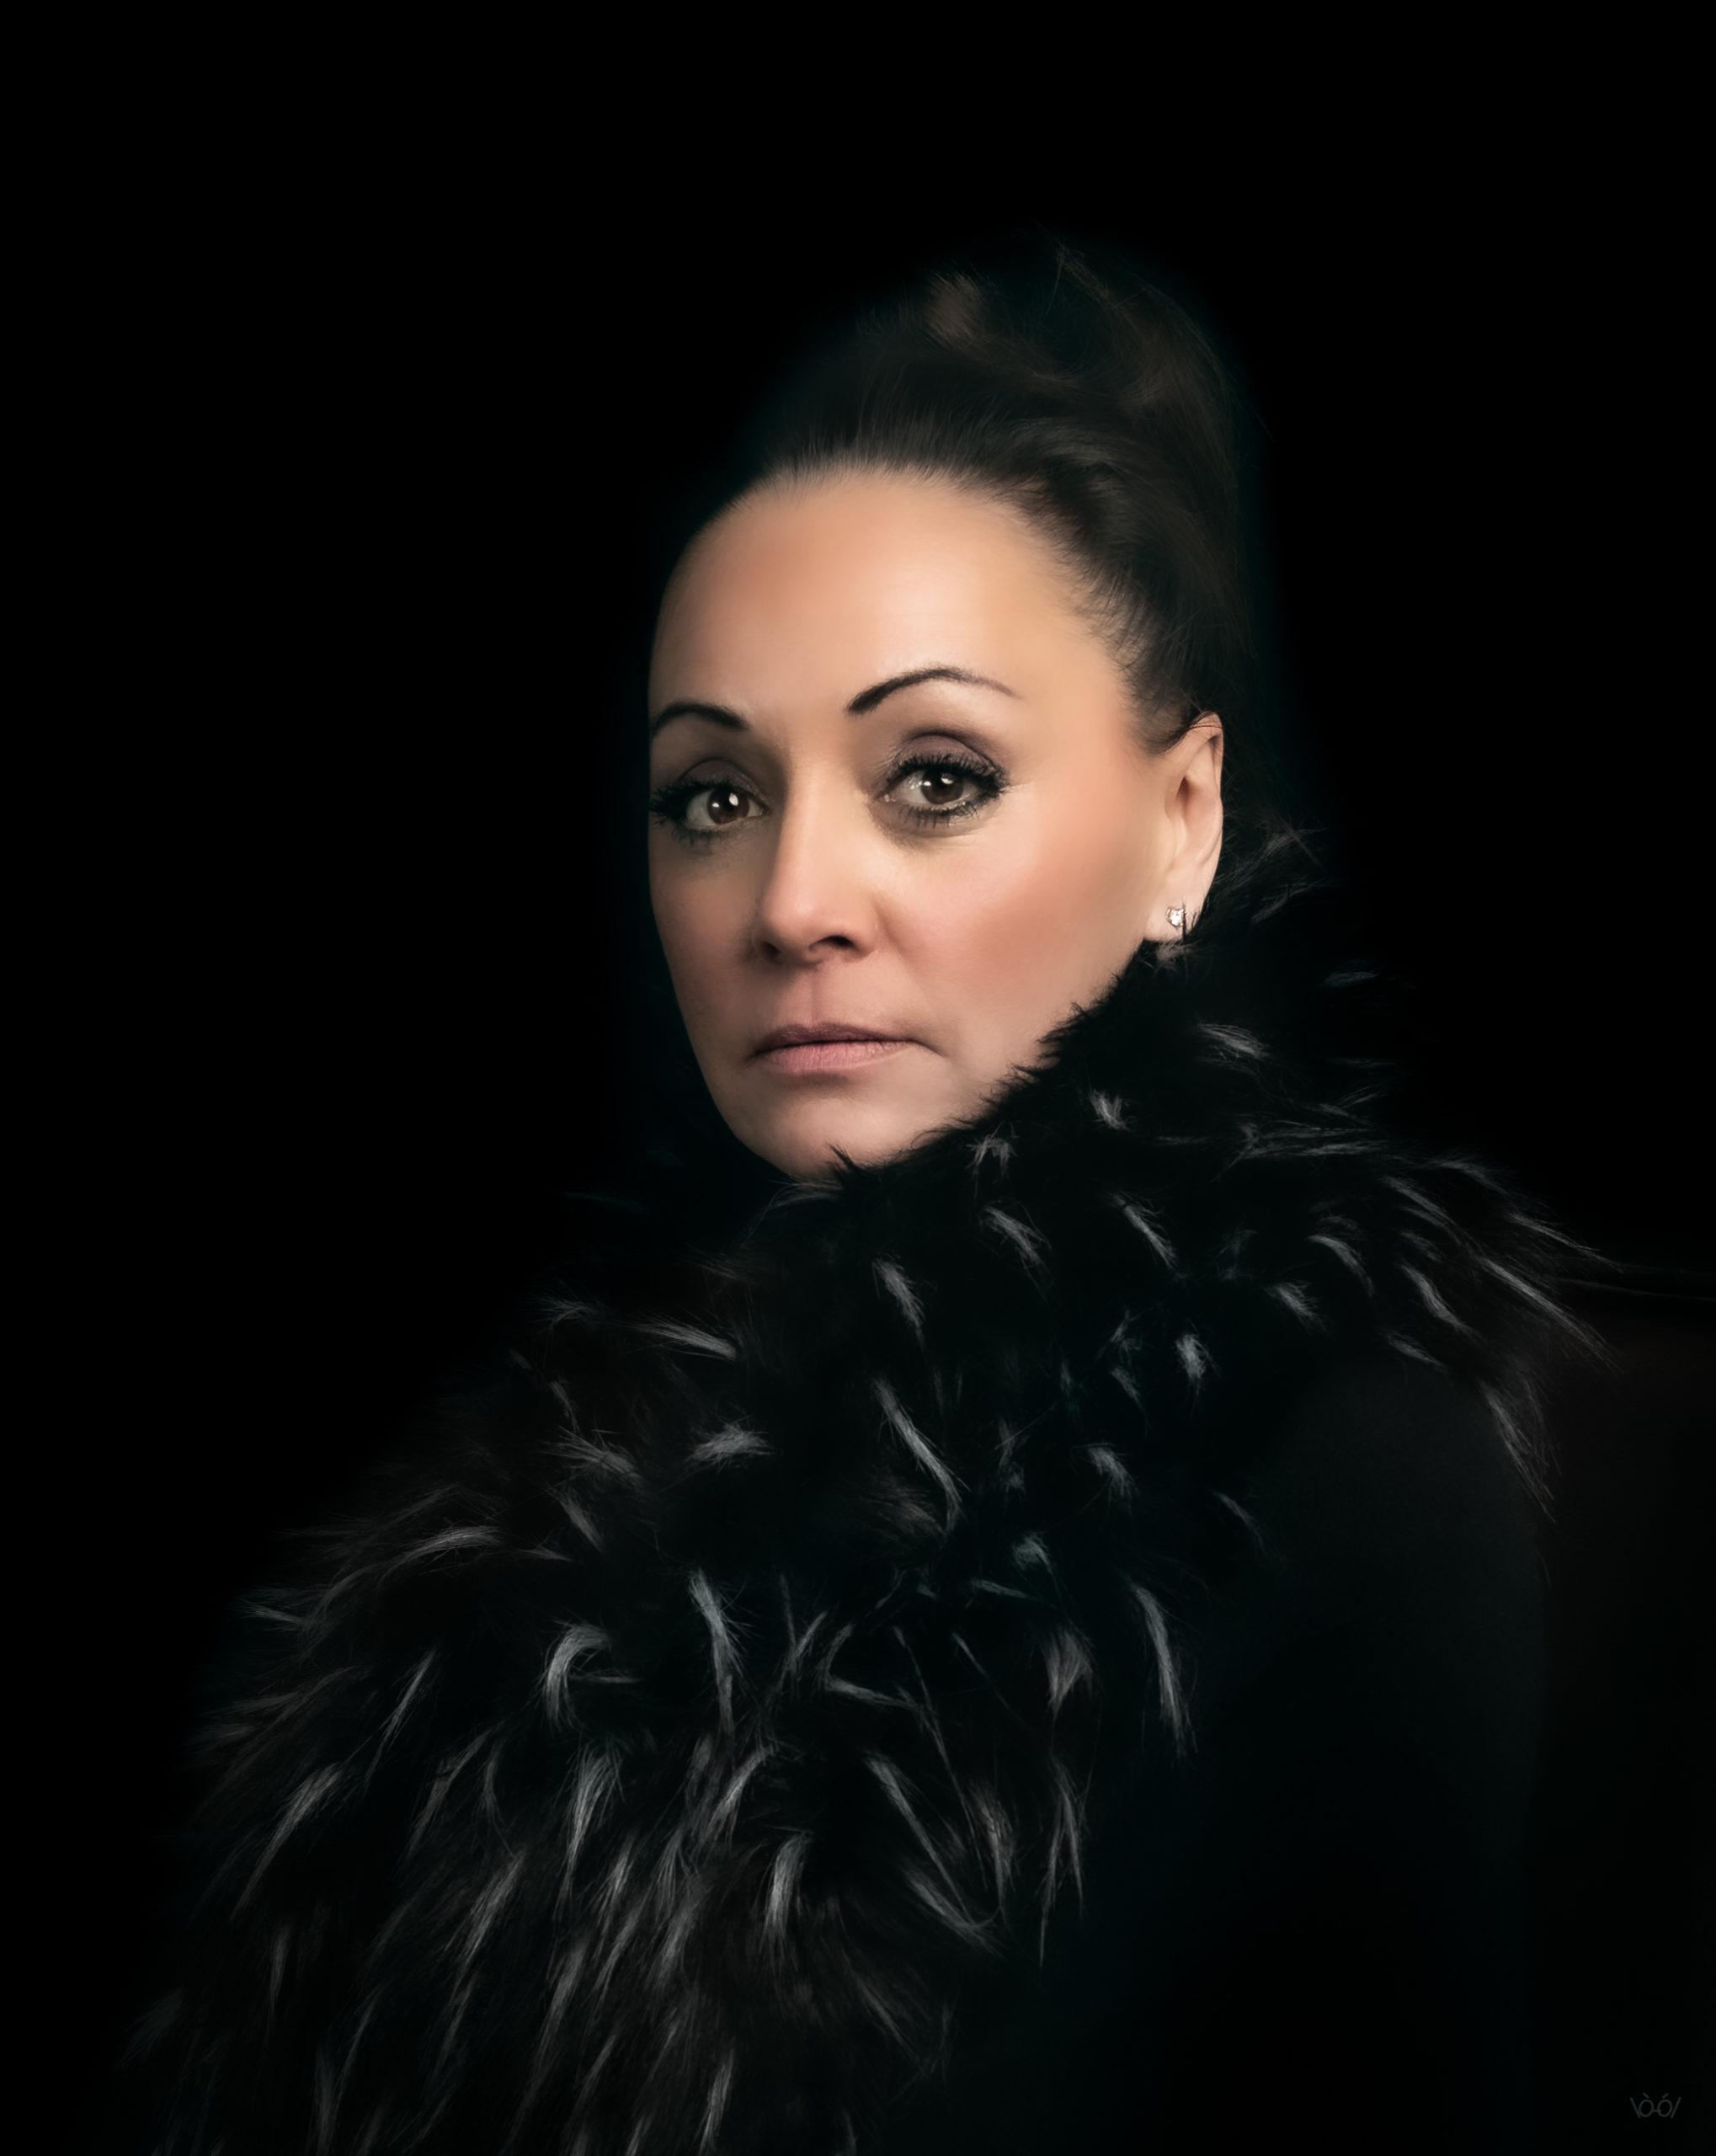 TheLifeOfRick - Portfolio - Women